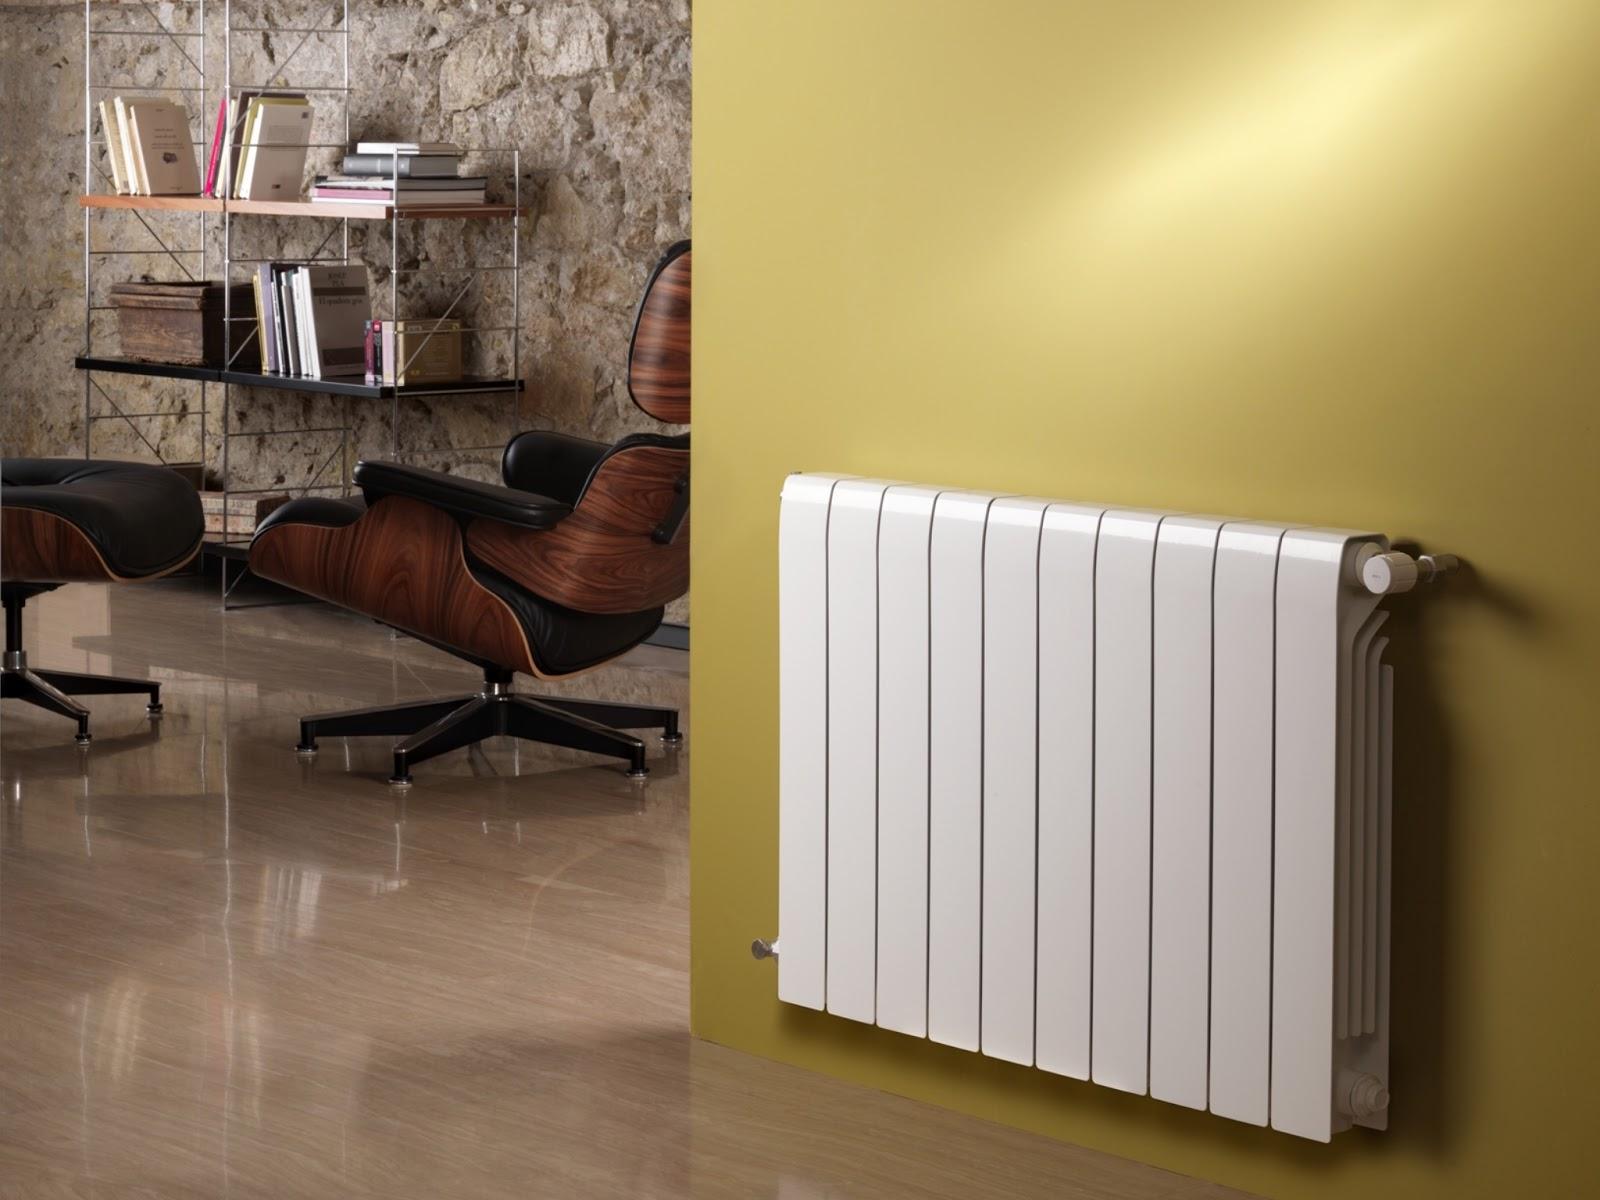 Miguel torres climatizaci n aire acondicionado cartagena - Sistema de calefaccion economico ...